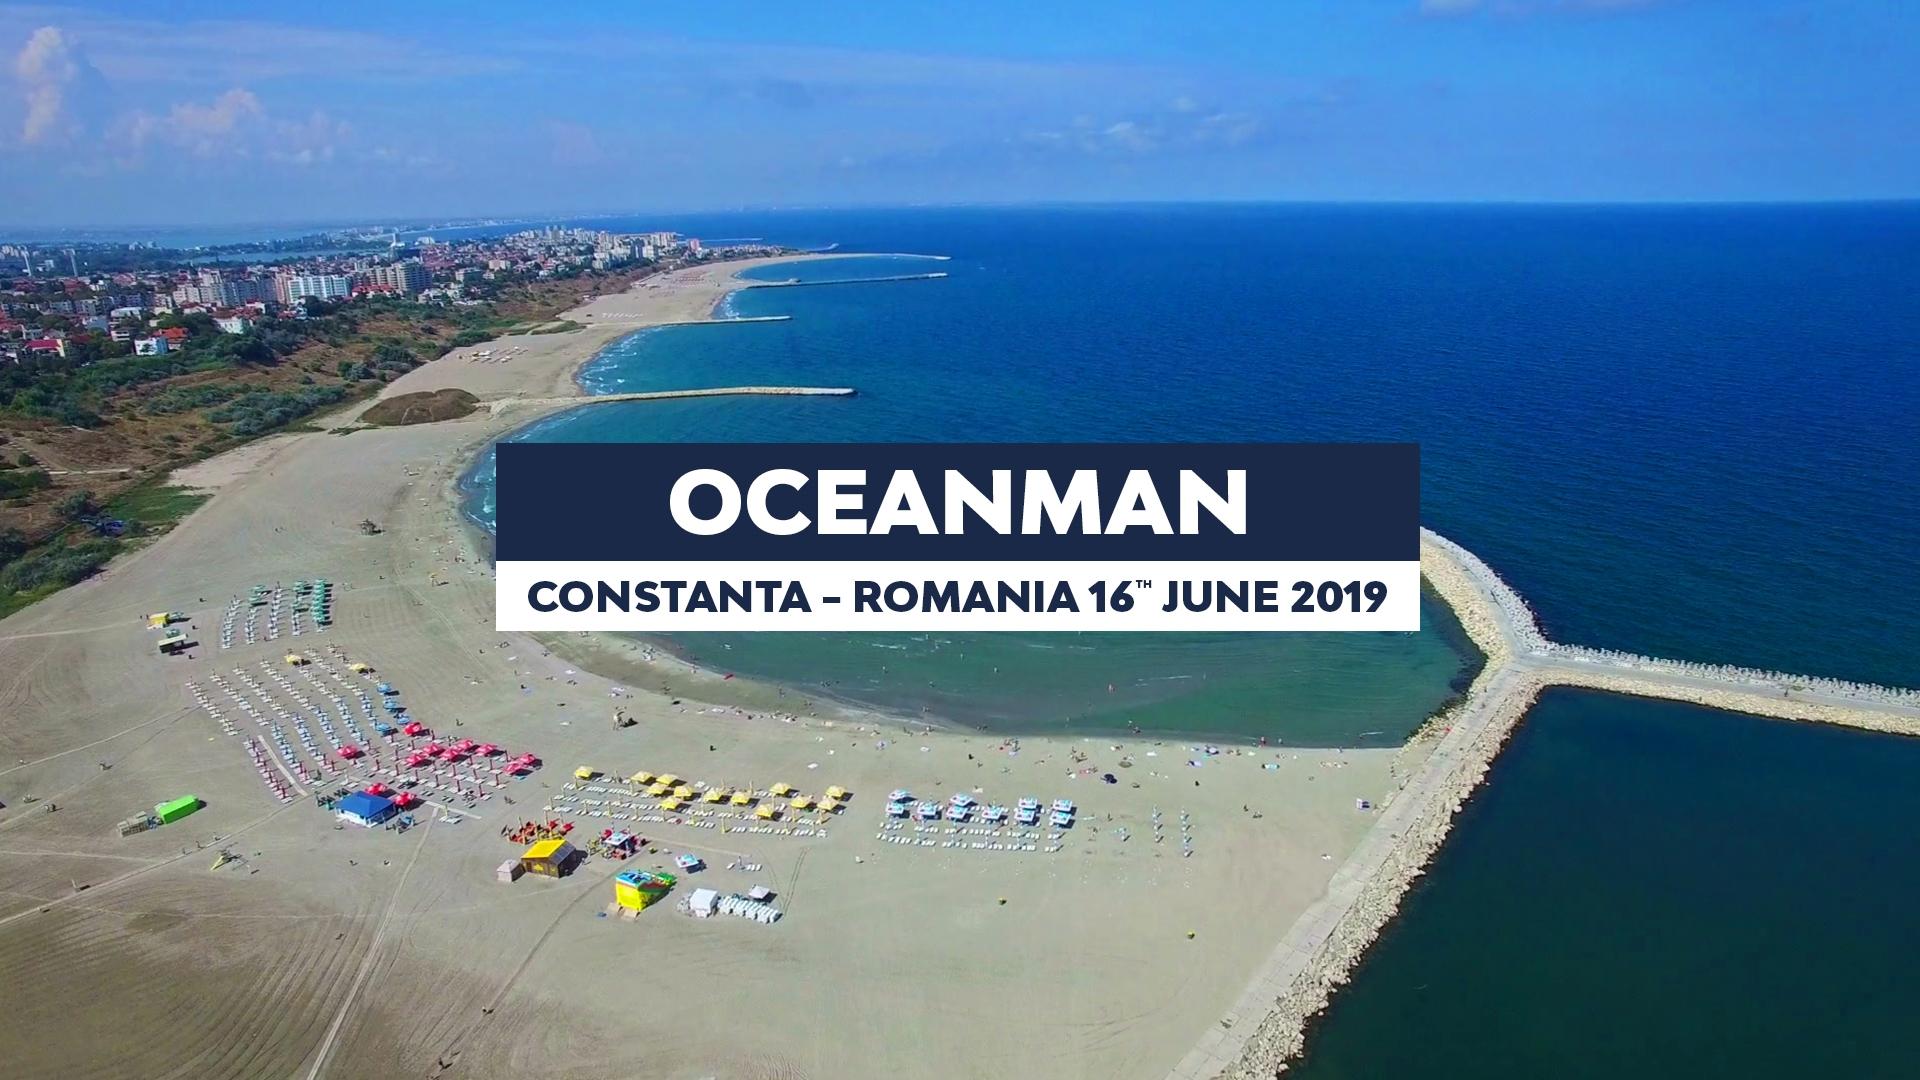 OCEANMAN CONSTANTA 2019